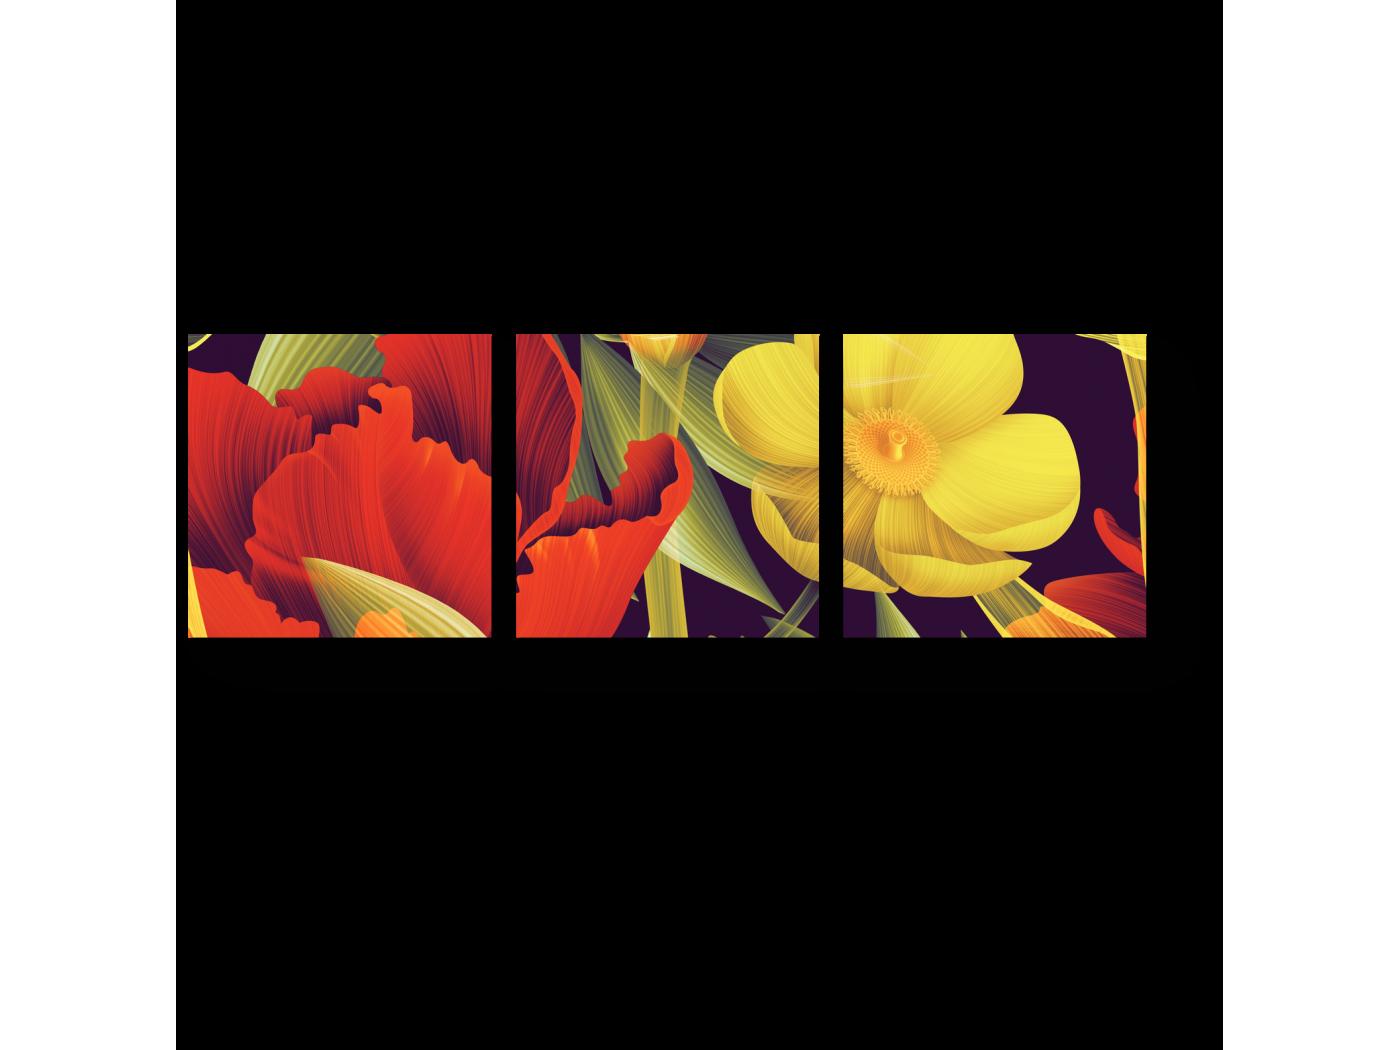 Модульная картина Необычные тропические цветы (60x20) фото